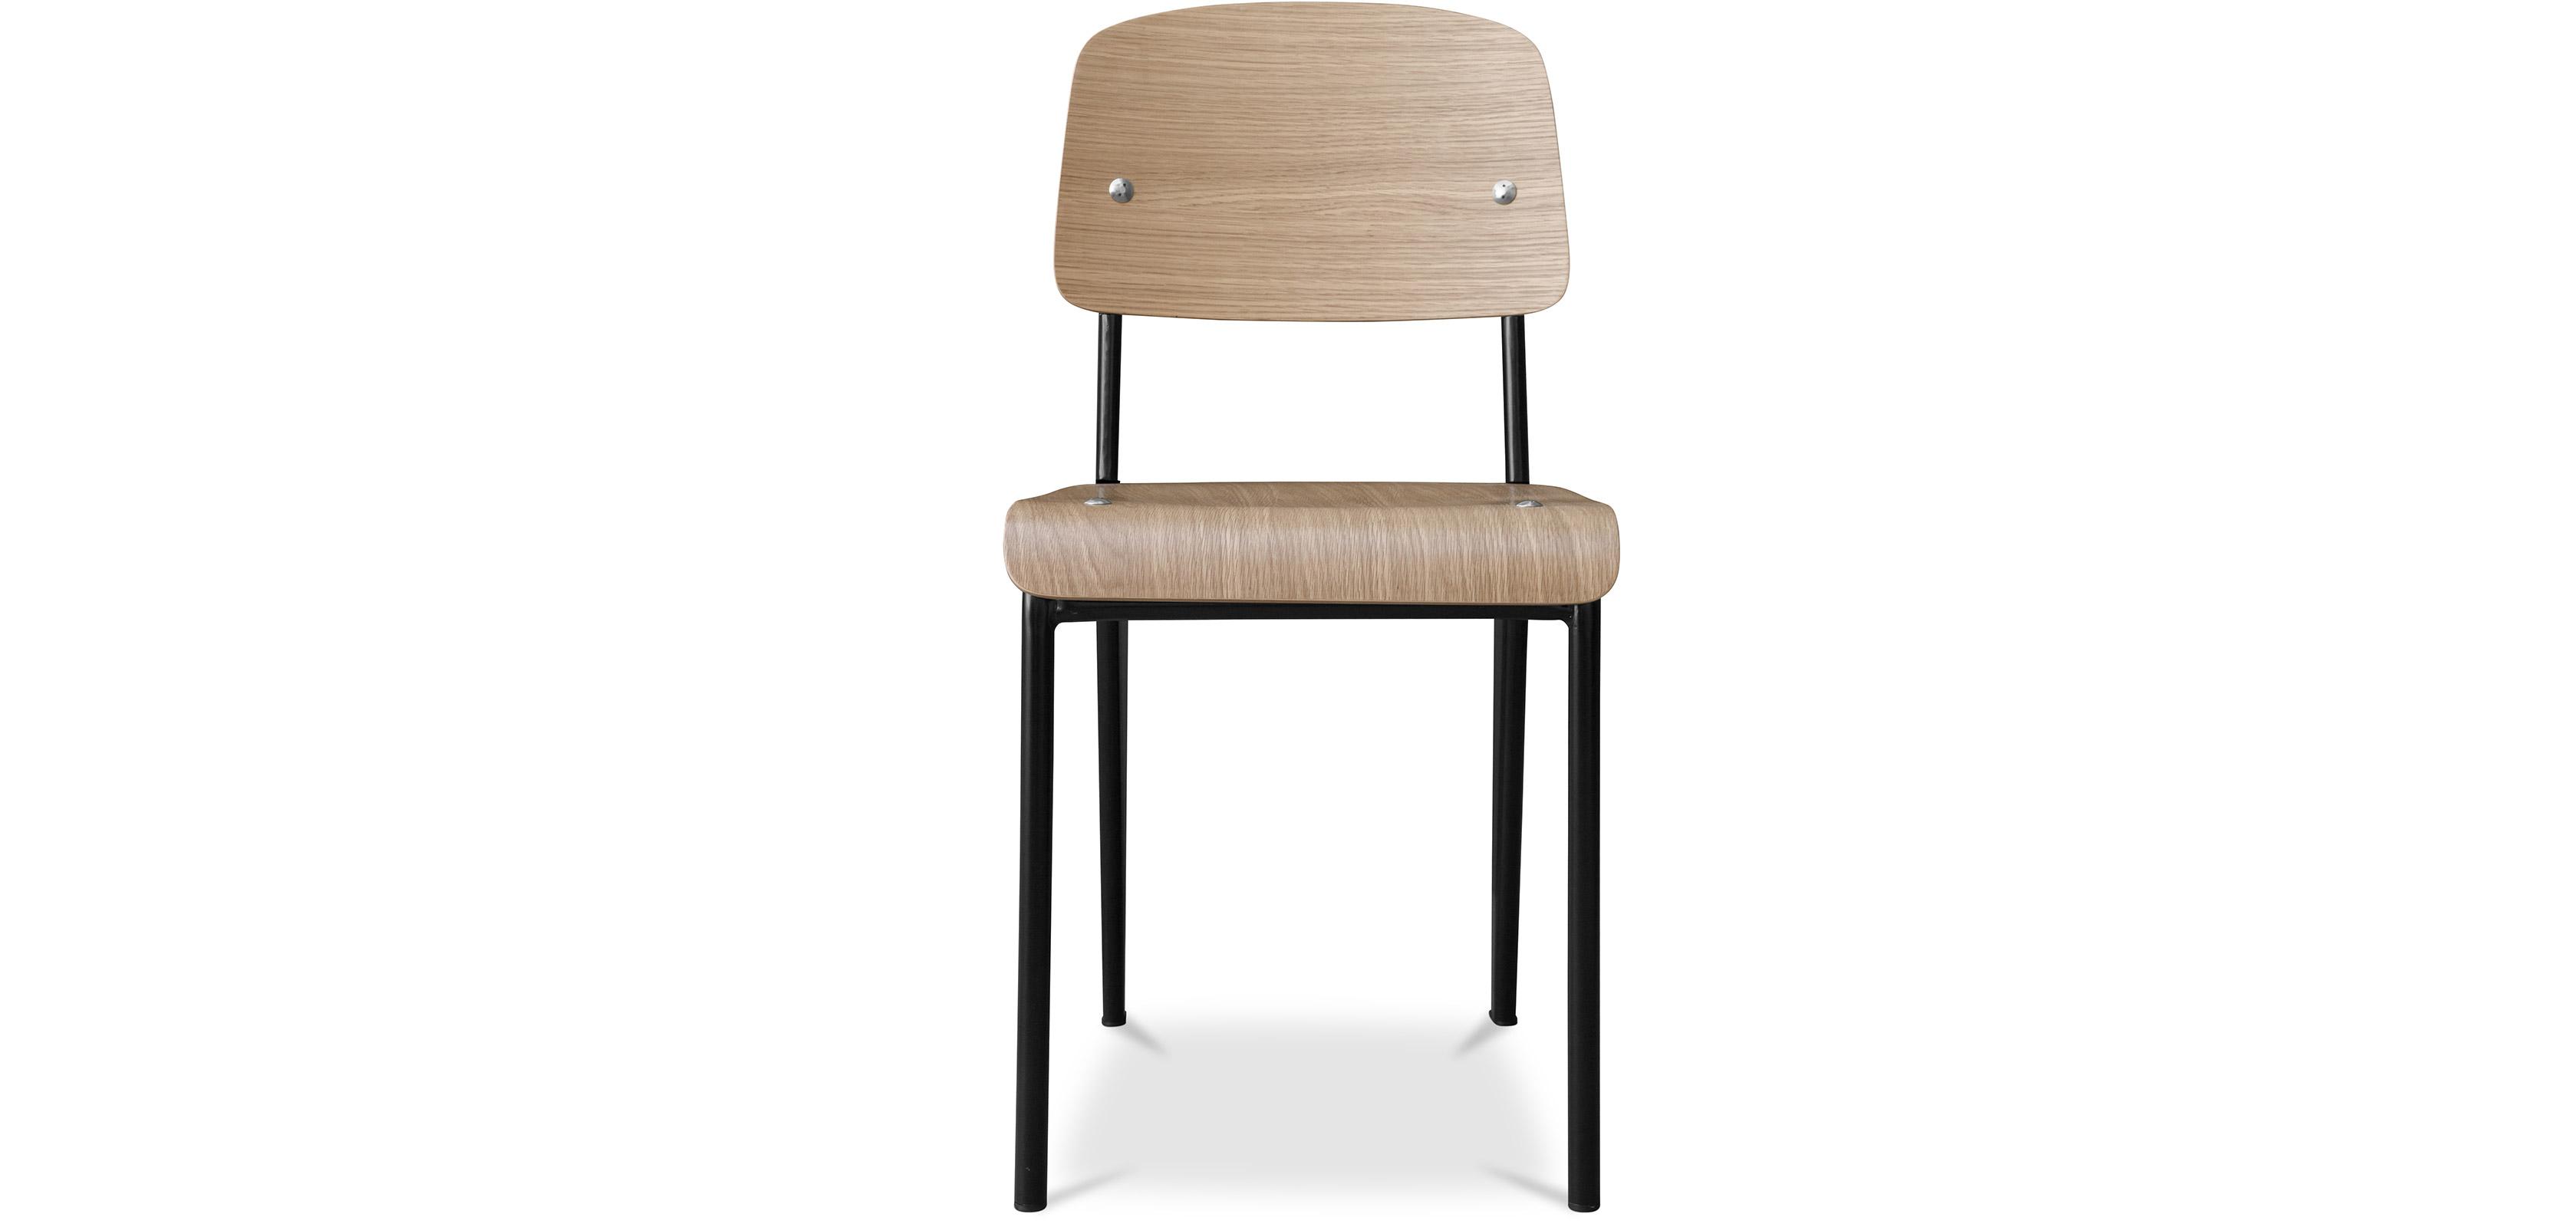 Chaise Design Standard Jean Prouvé